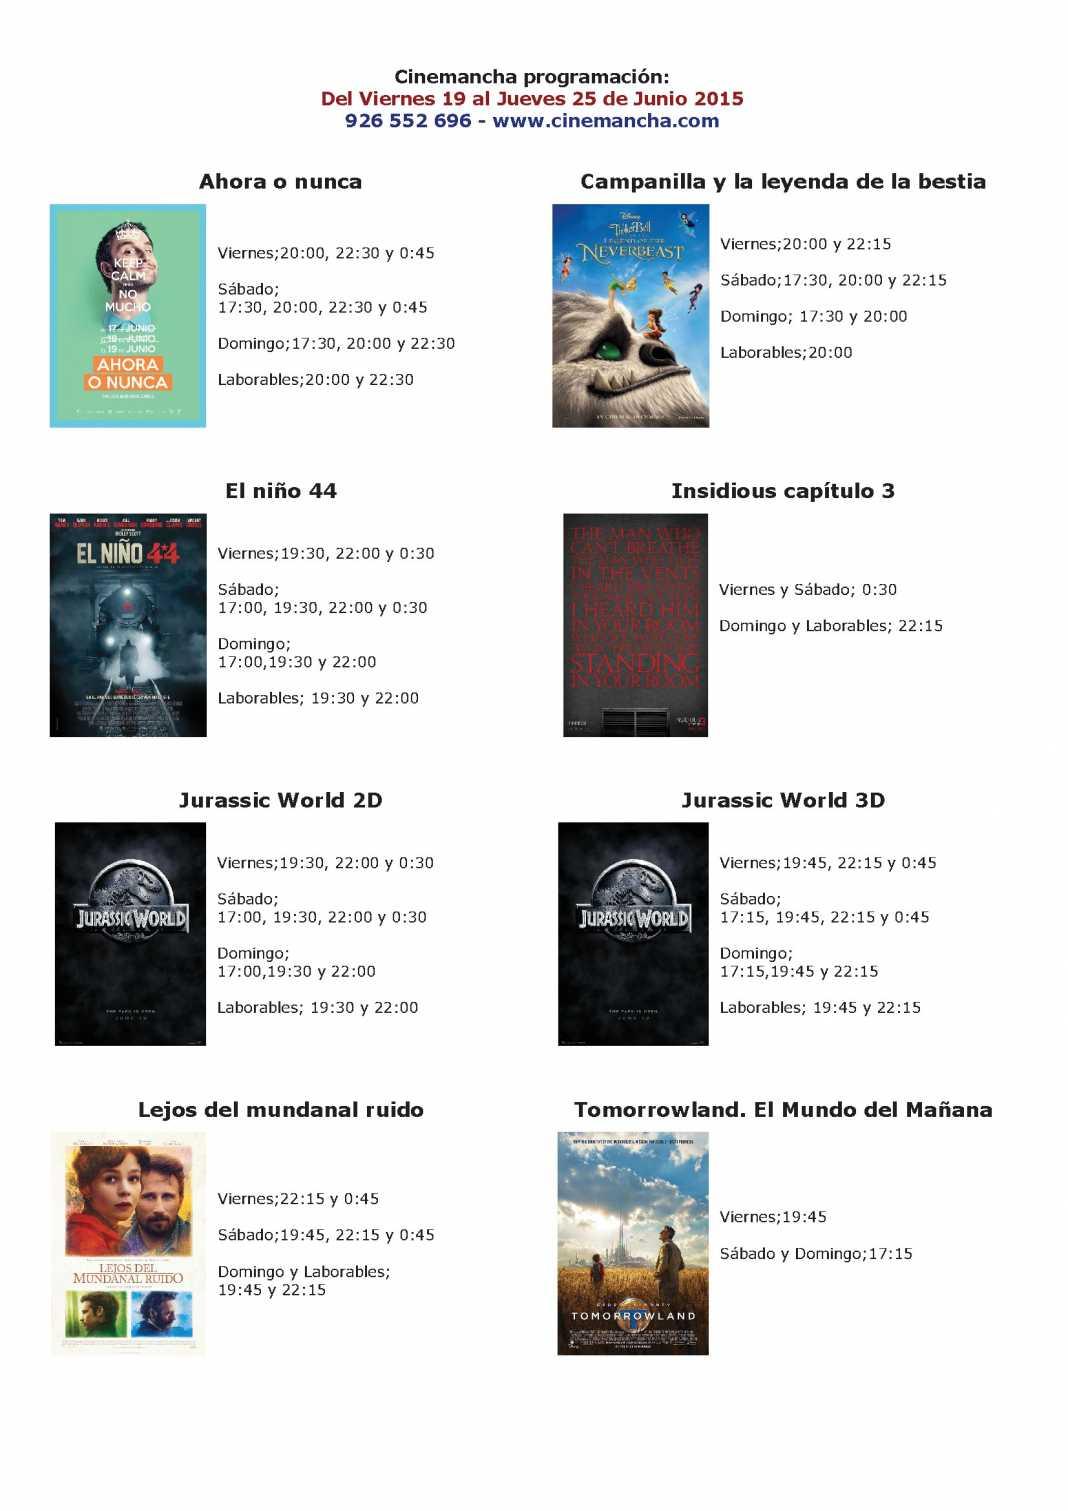 cartelera de cinemancha del 19 al 25 de junio 1068x1511 - Cartelera de Cinemancha del 19 al 25 de junio